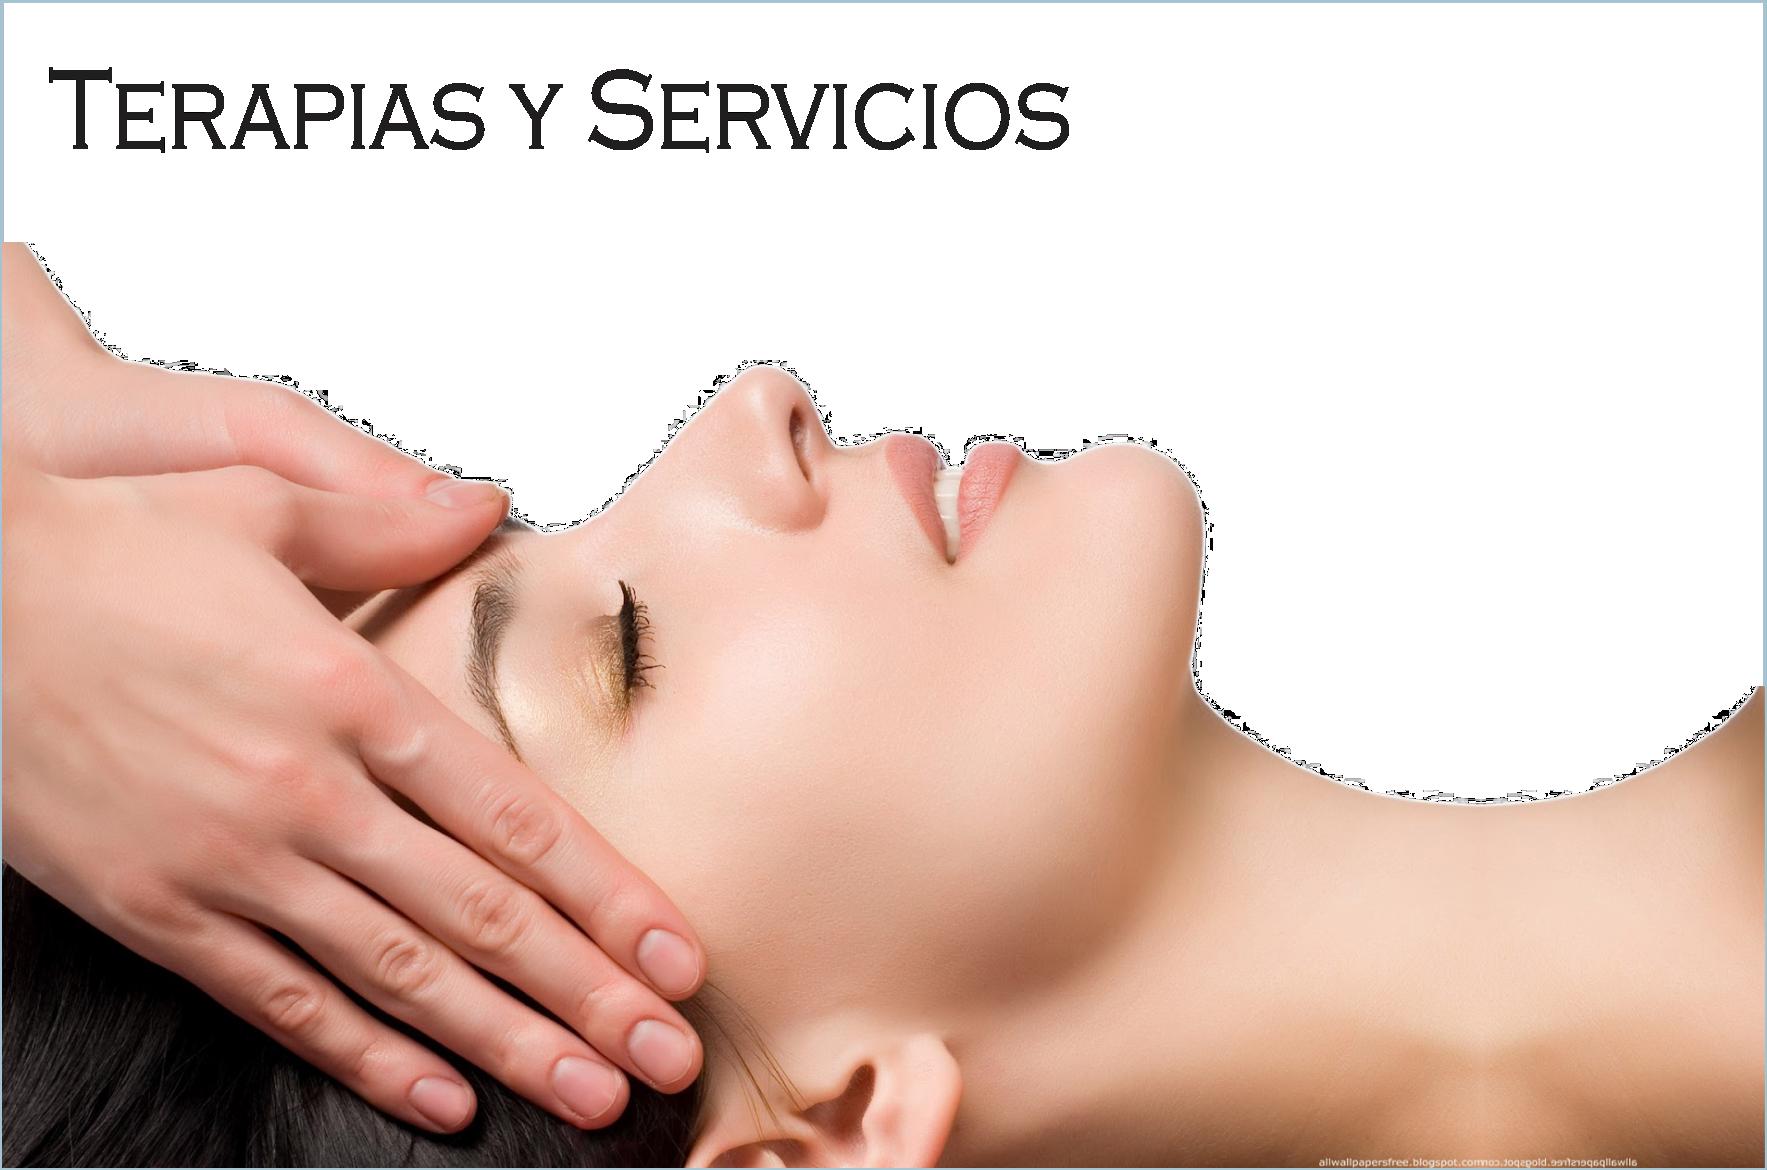 Terapias y Servicios